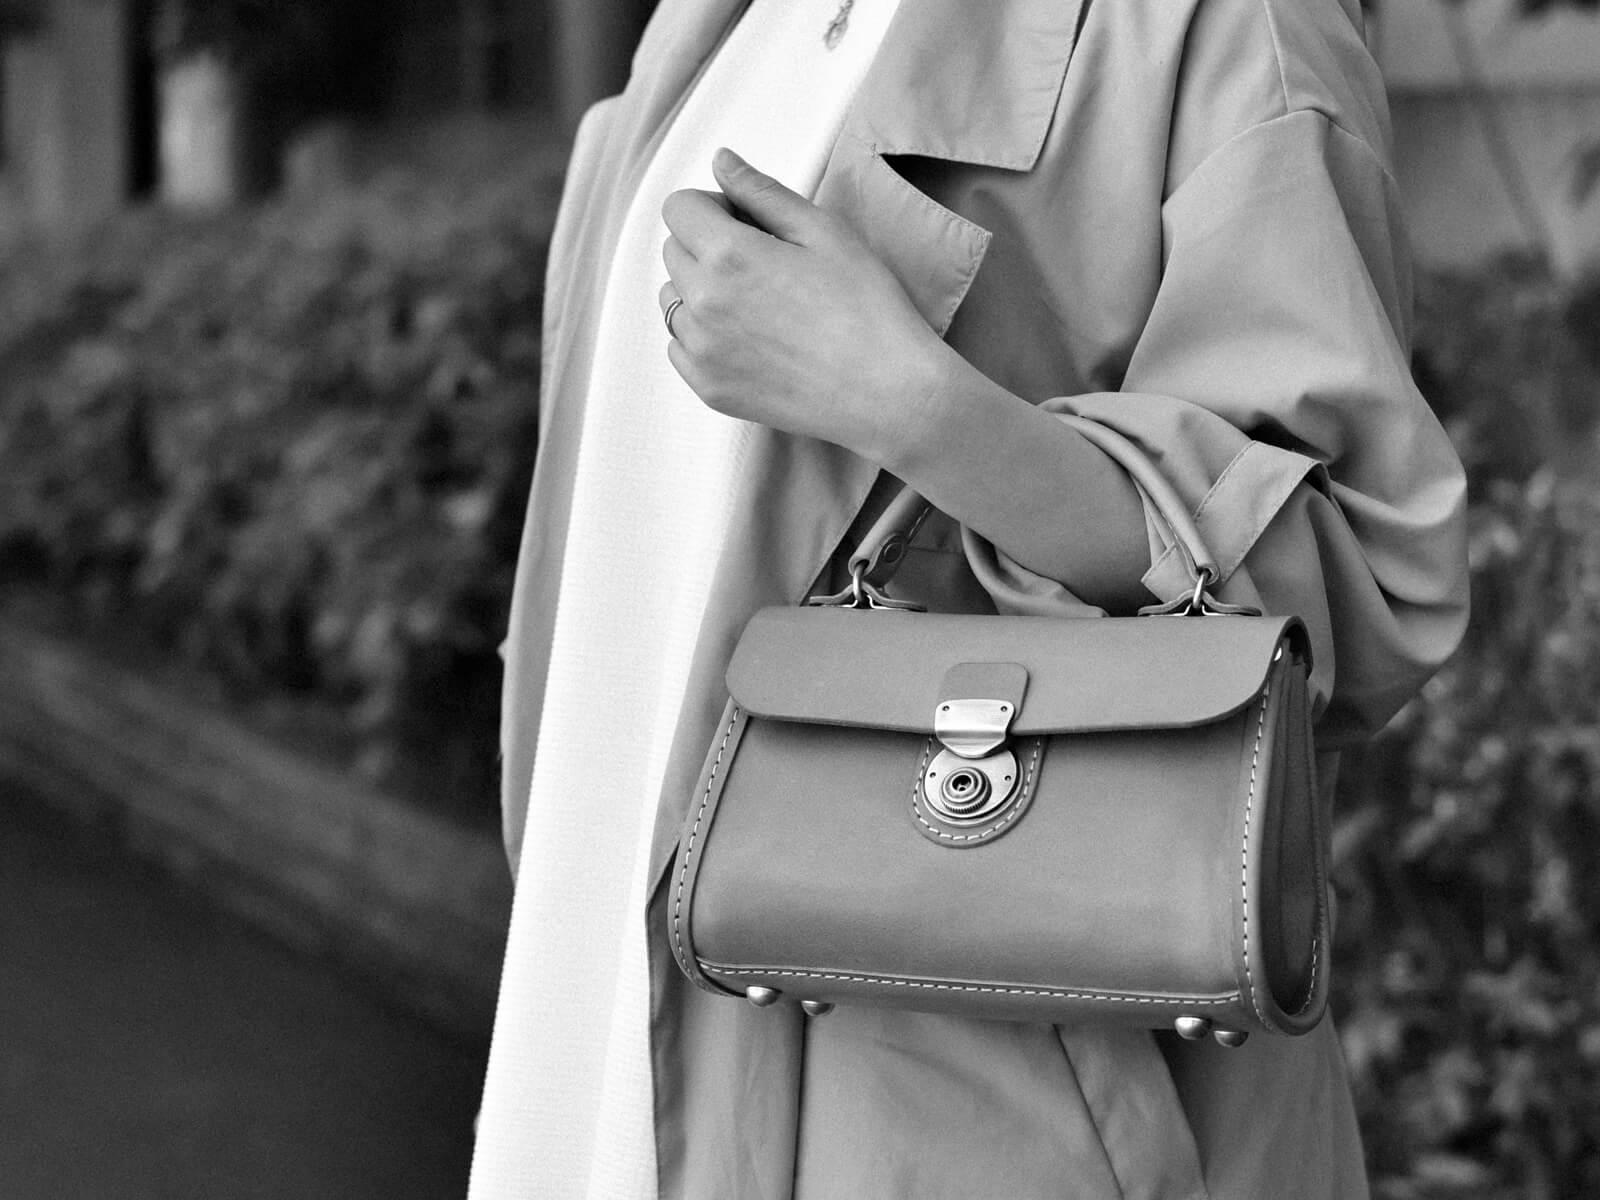 【予告】仙台店5周年記念で好評を博したレディースバッグが新作になります